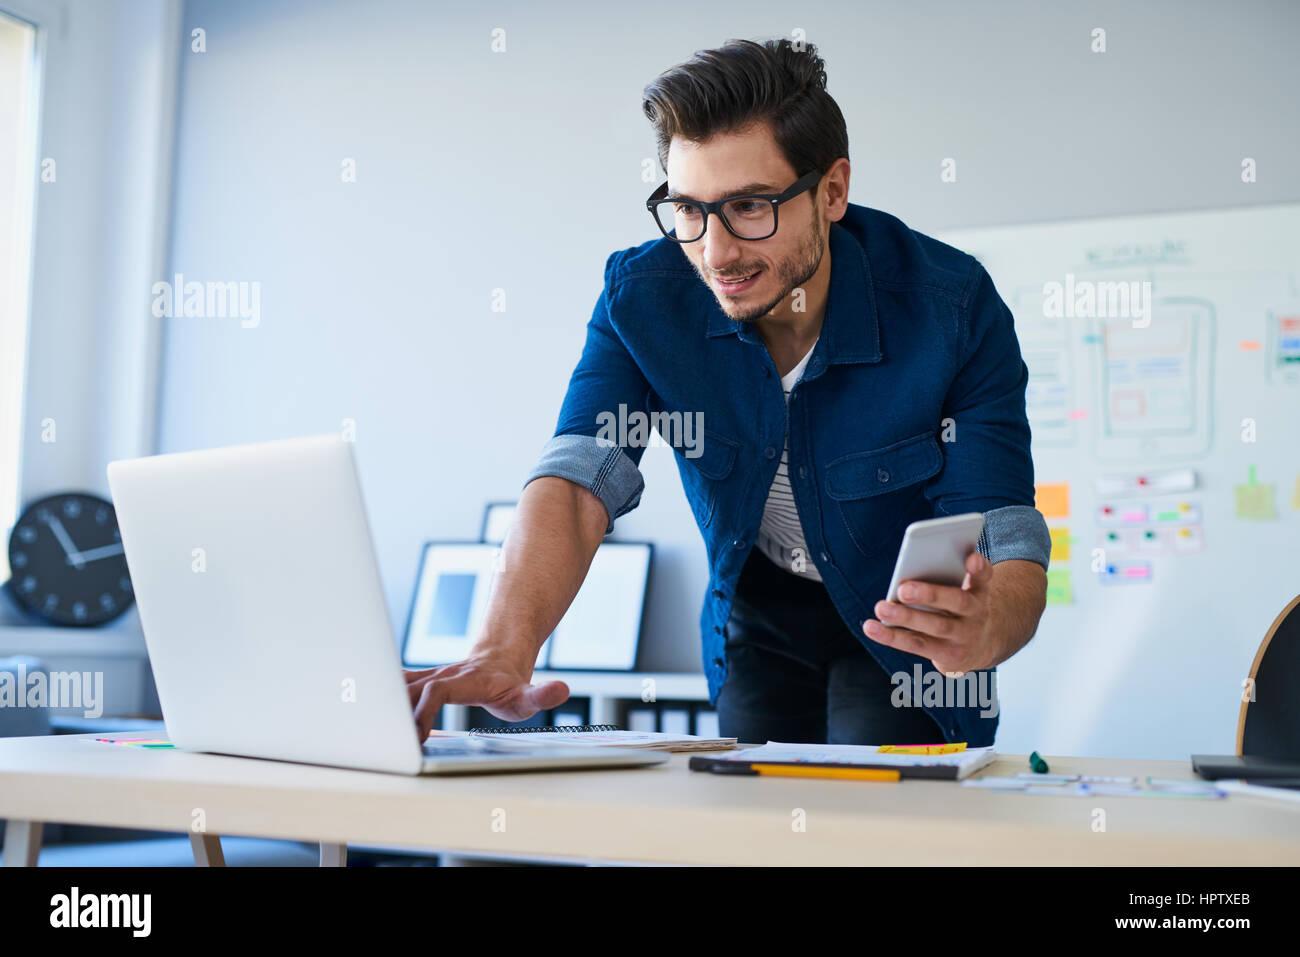 Programmer, web developer, designer working at office comparing mobile and desktop website versions - Stock Image